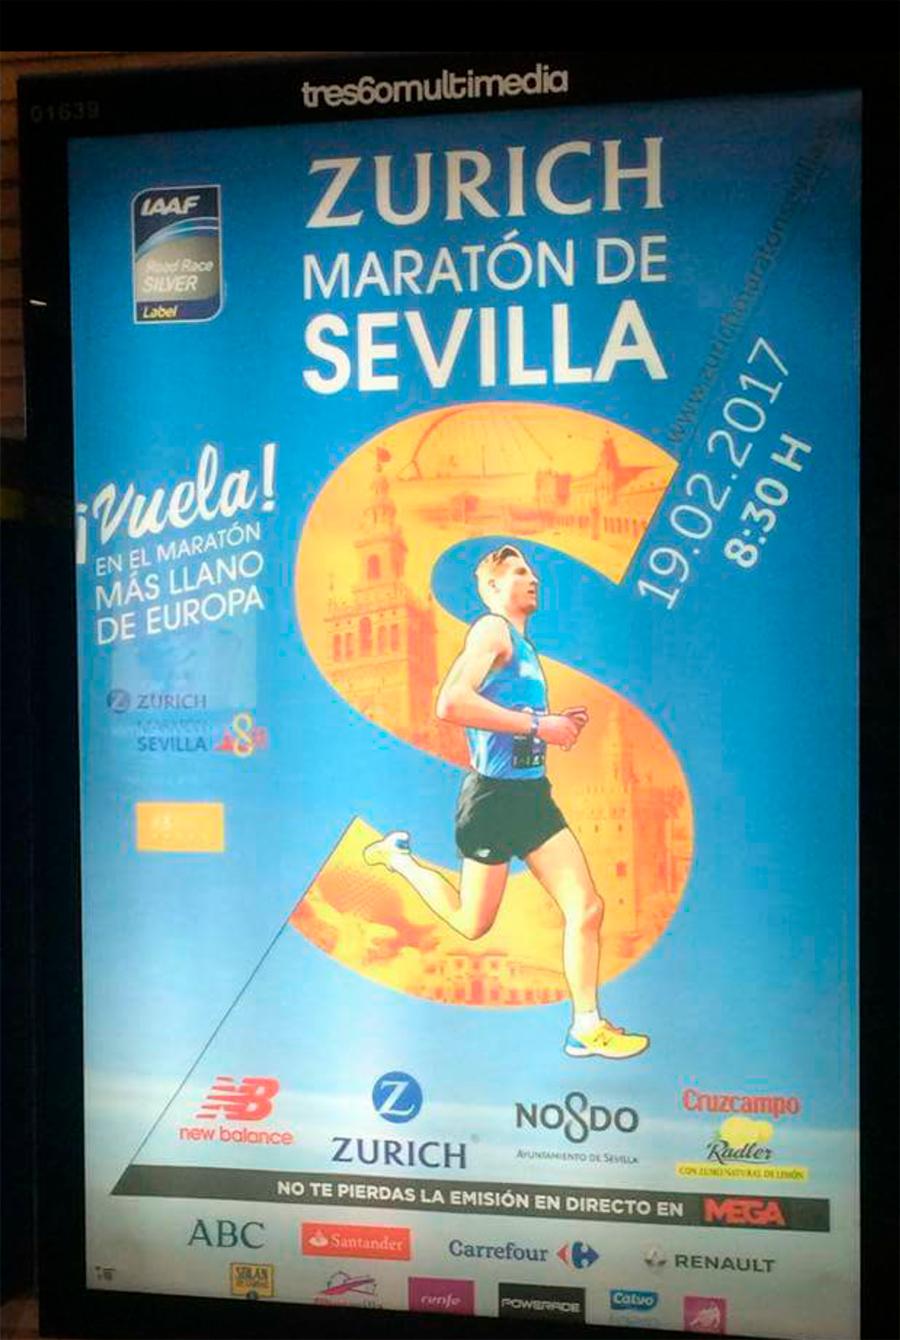 Zamora en la maratón de Sevilla